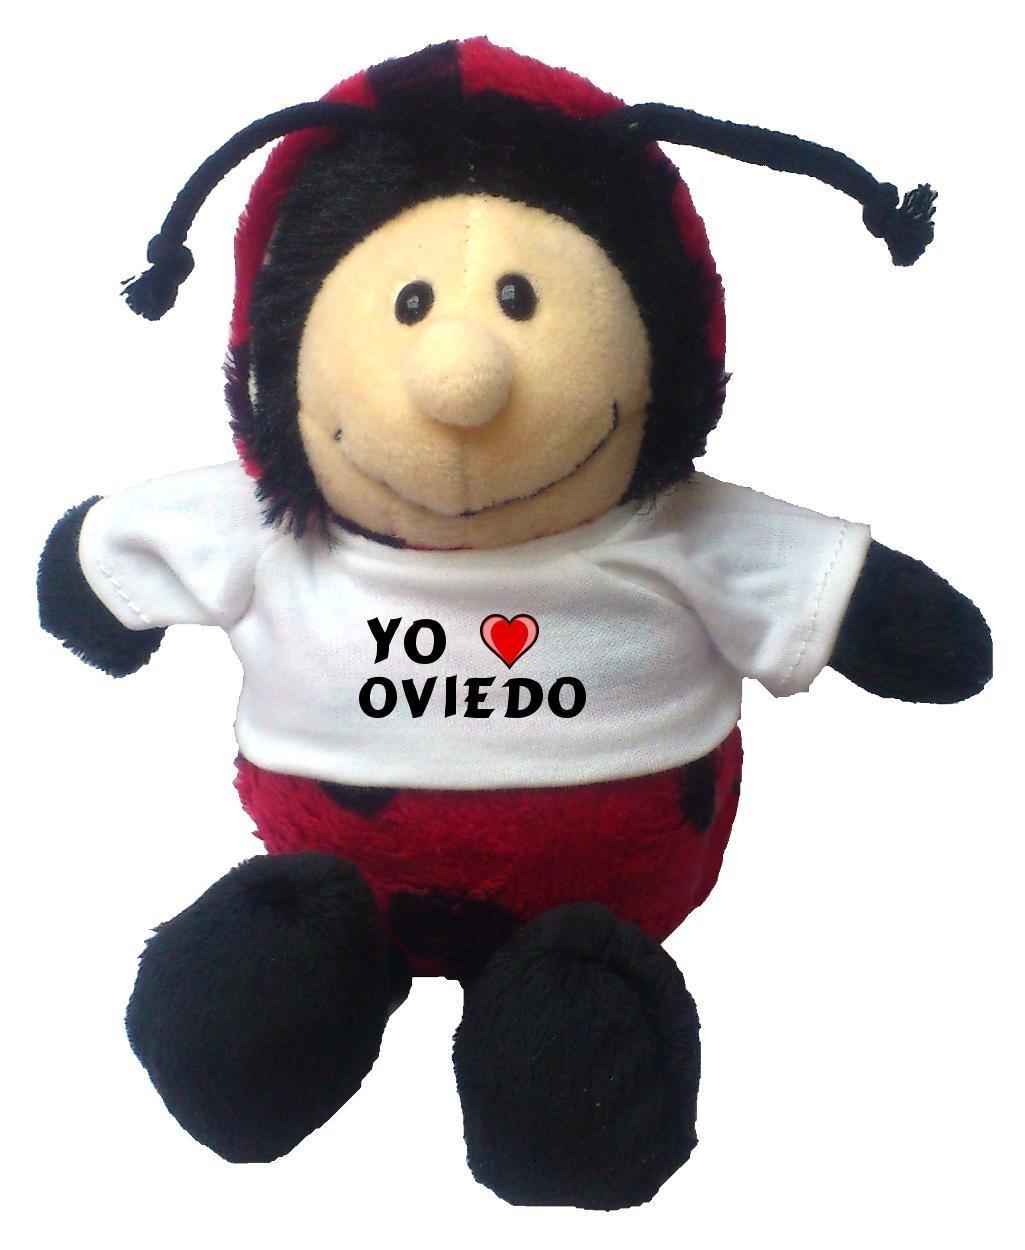 Mariquita de peluche con Amo Oviedo en la camiseta (ciudad / asentamiento): Amazon.es: Juguetes y juegos